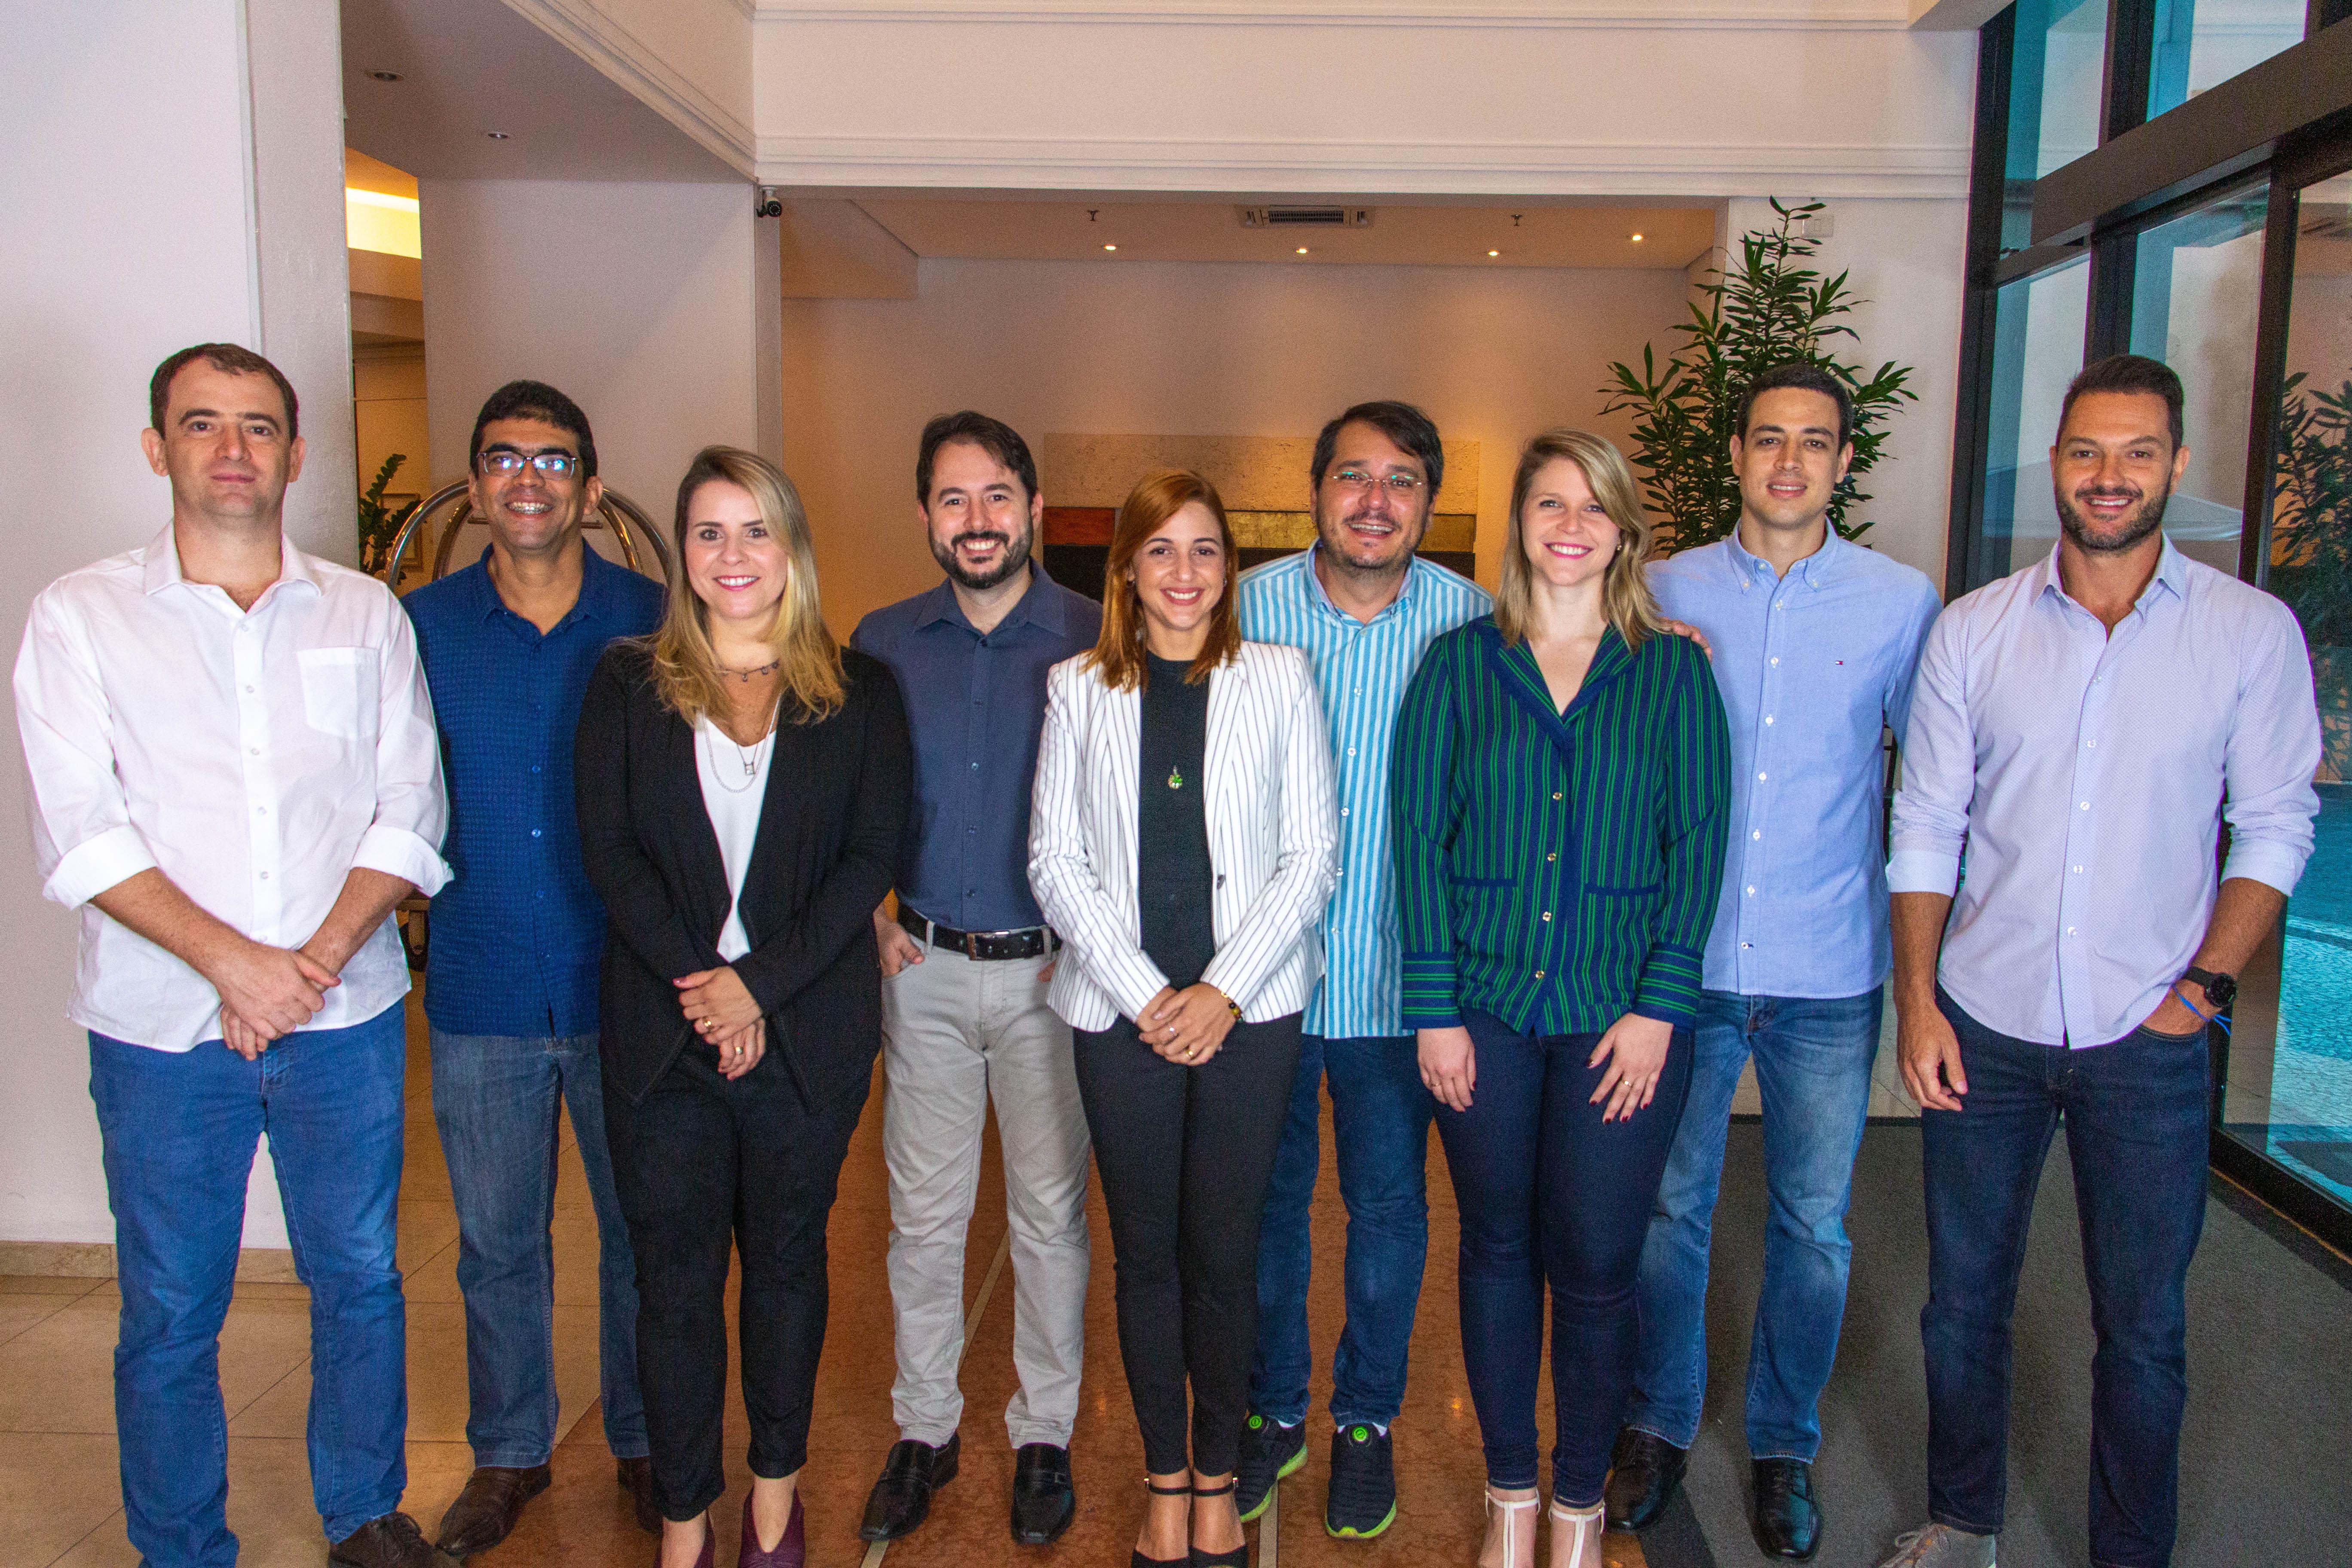 93e7854a0 Pela primeira vez, as duas marcas são listadas ao mesmo tempo na pesquisa  divulgada pela Revista IstoÉ Dinheiro em parceria com o Instituto Kantar  Vermeer